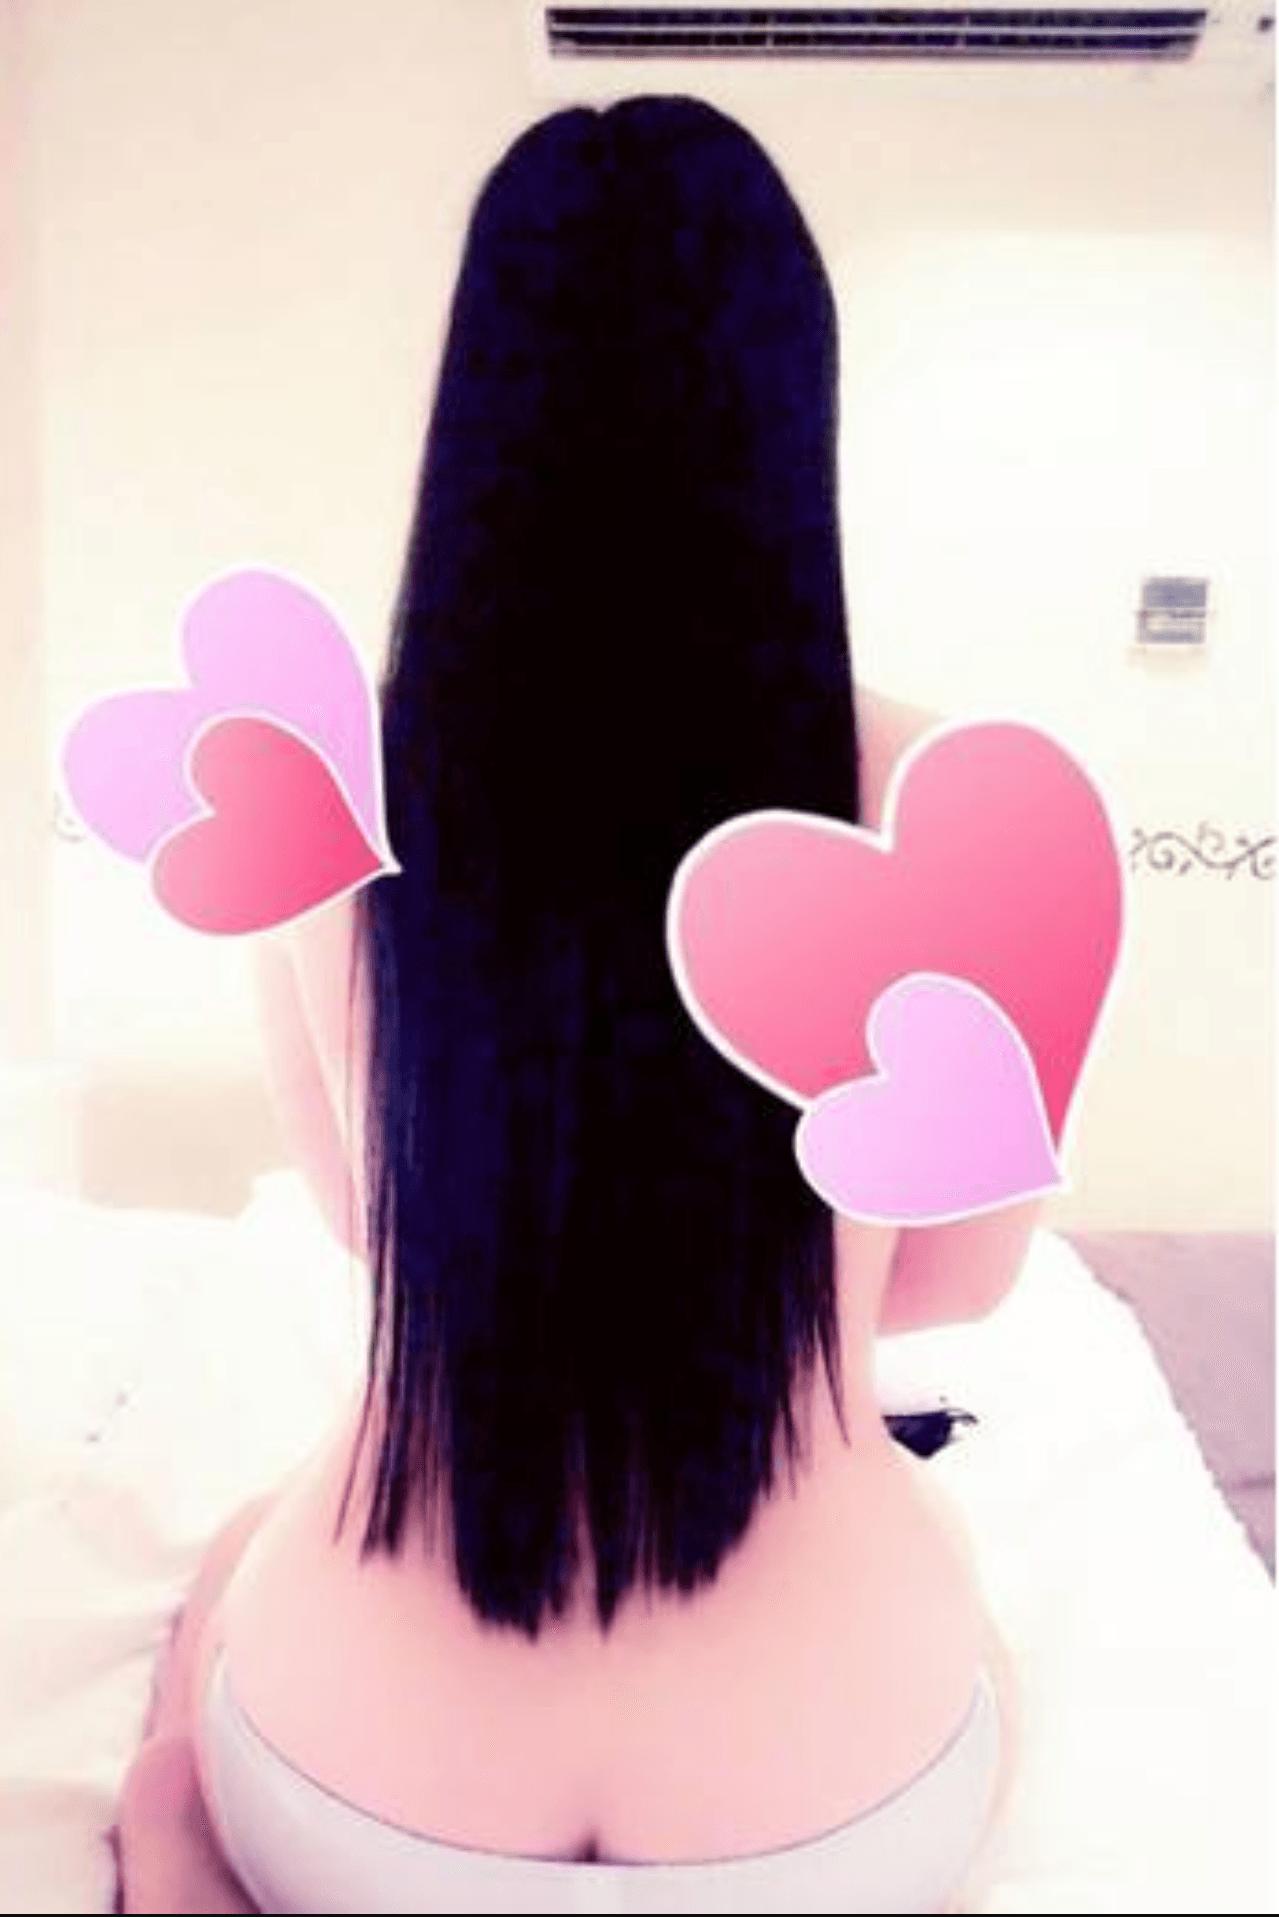 「*〜ありがとうございました〜*」10/30(水) 18:45   新人★藤咲 魅惑の黒髪ドS痴女の写メ・風俗動画